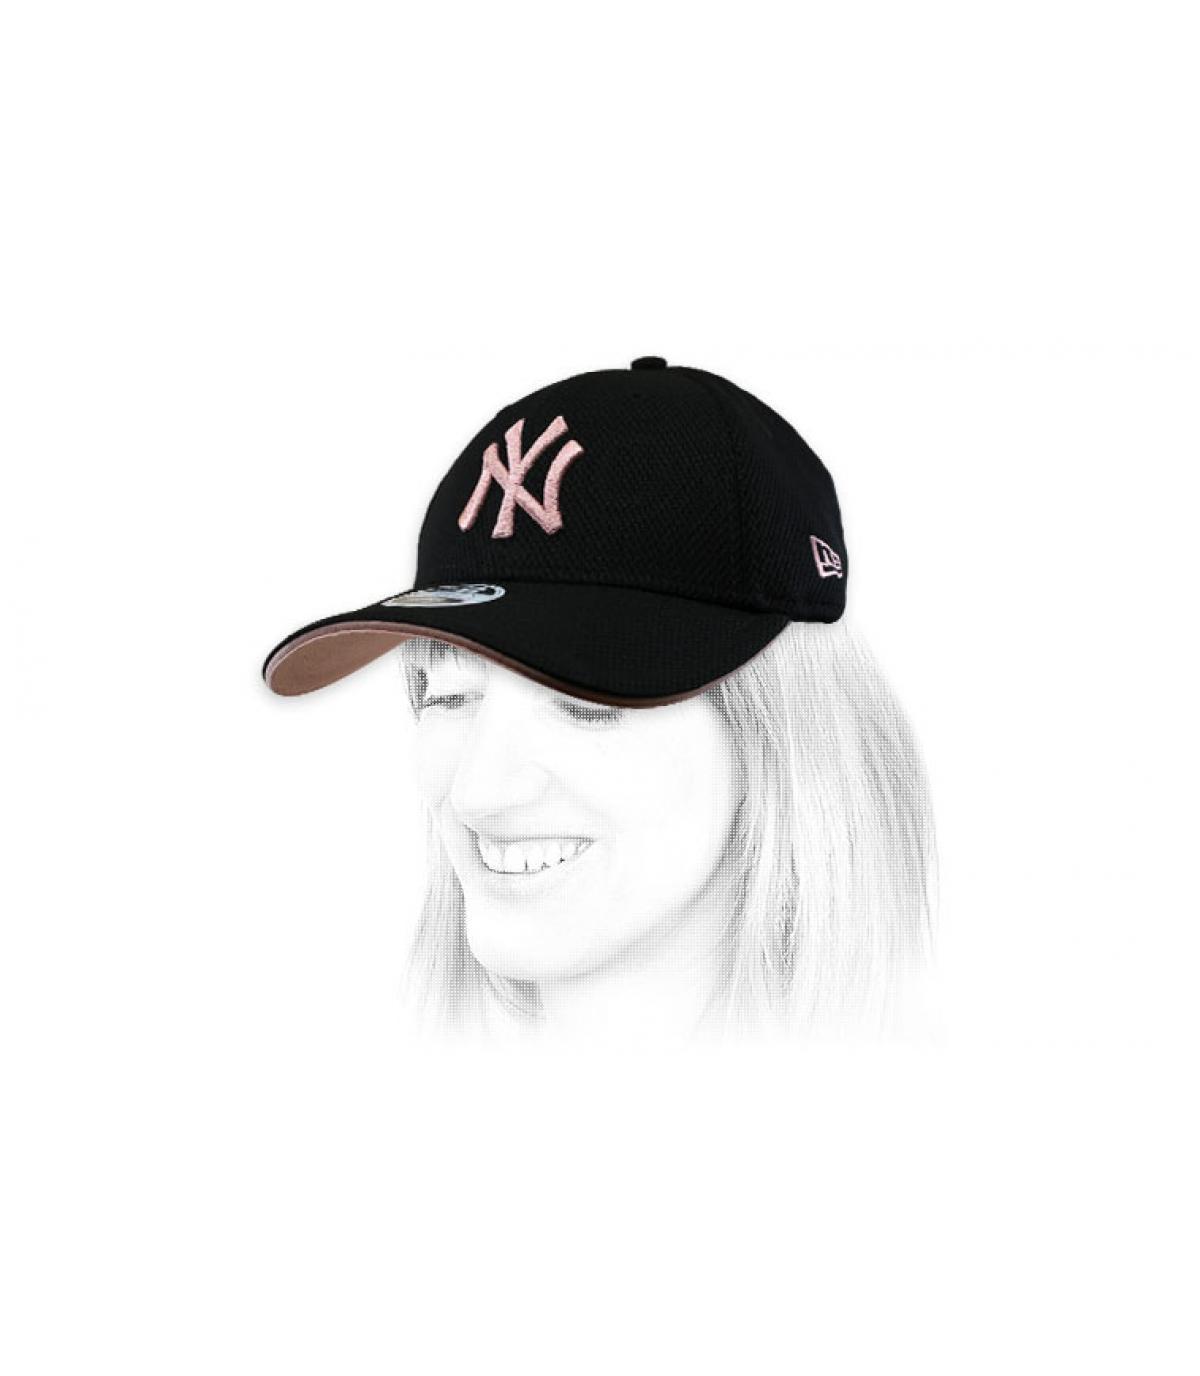 casquette femme NY noir rose